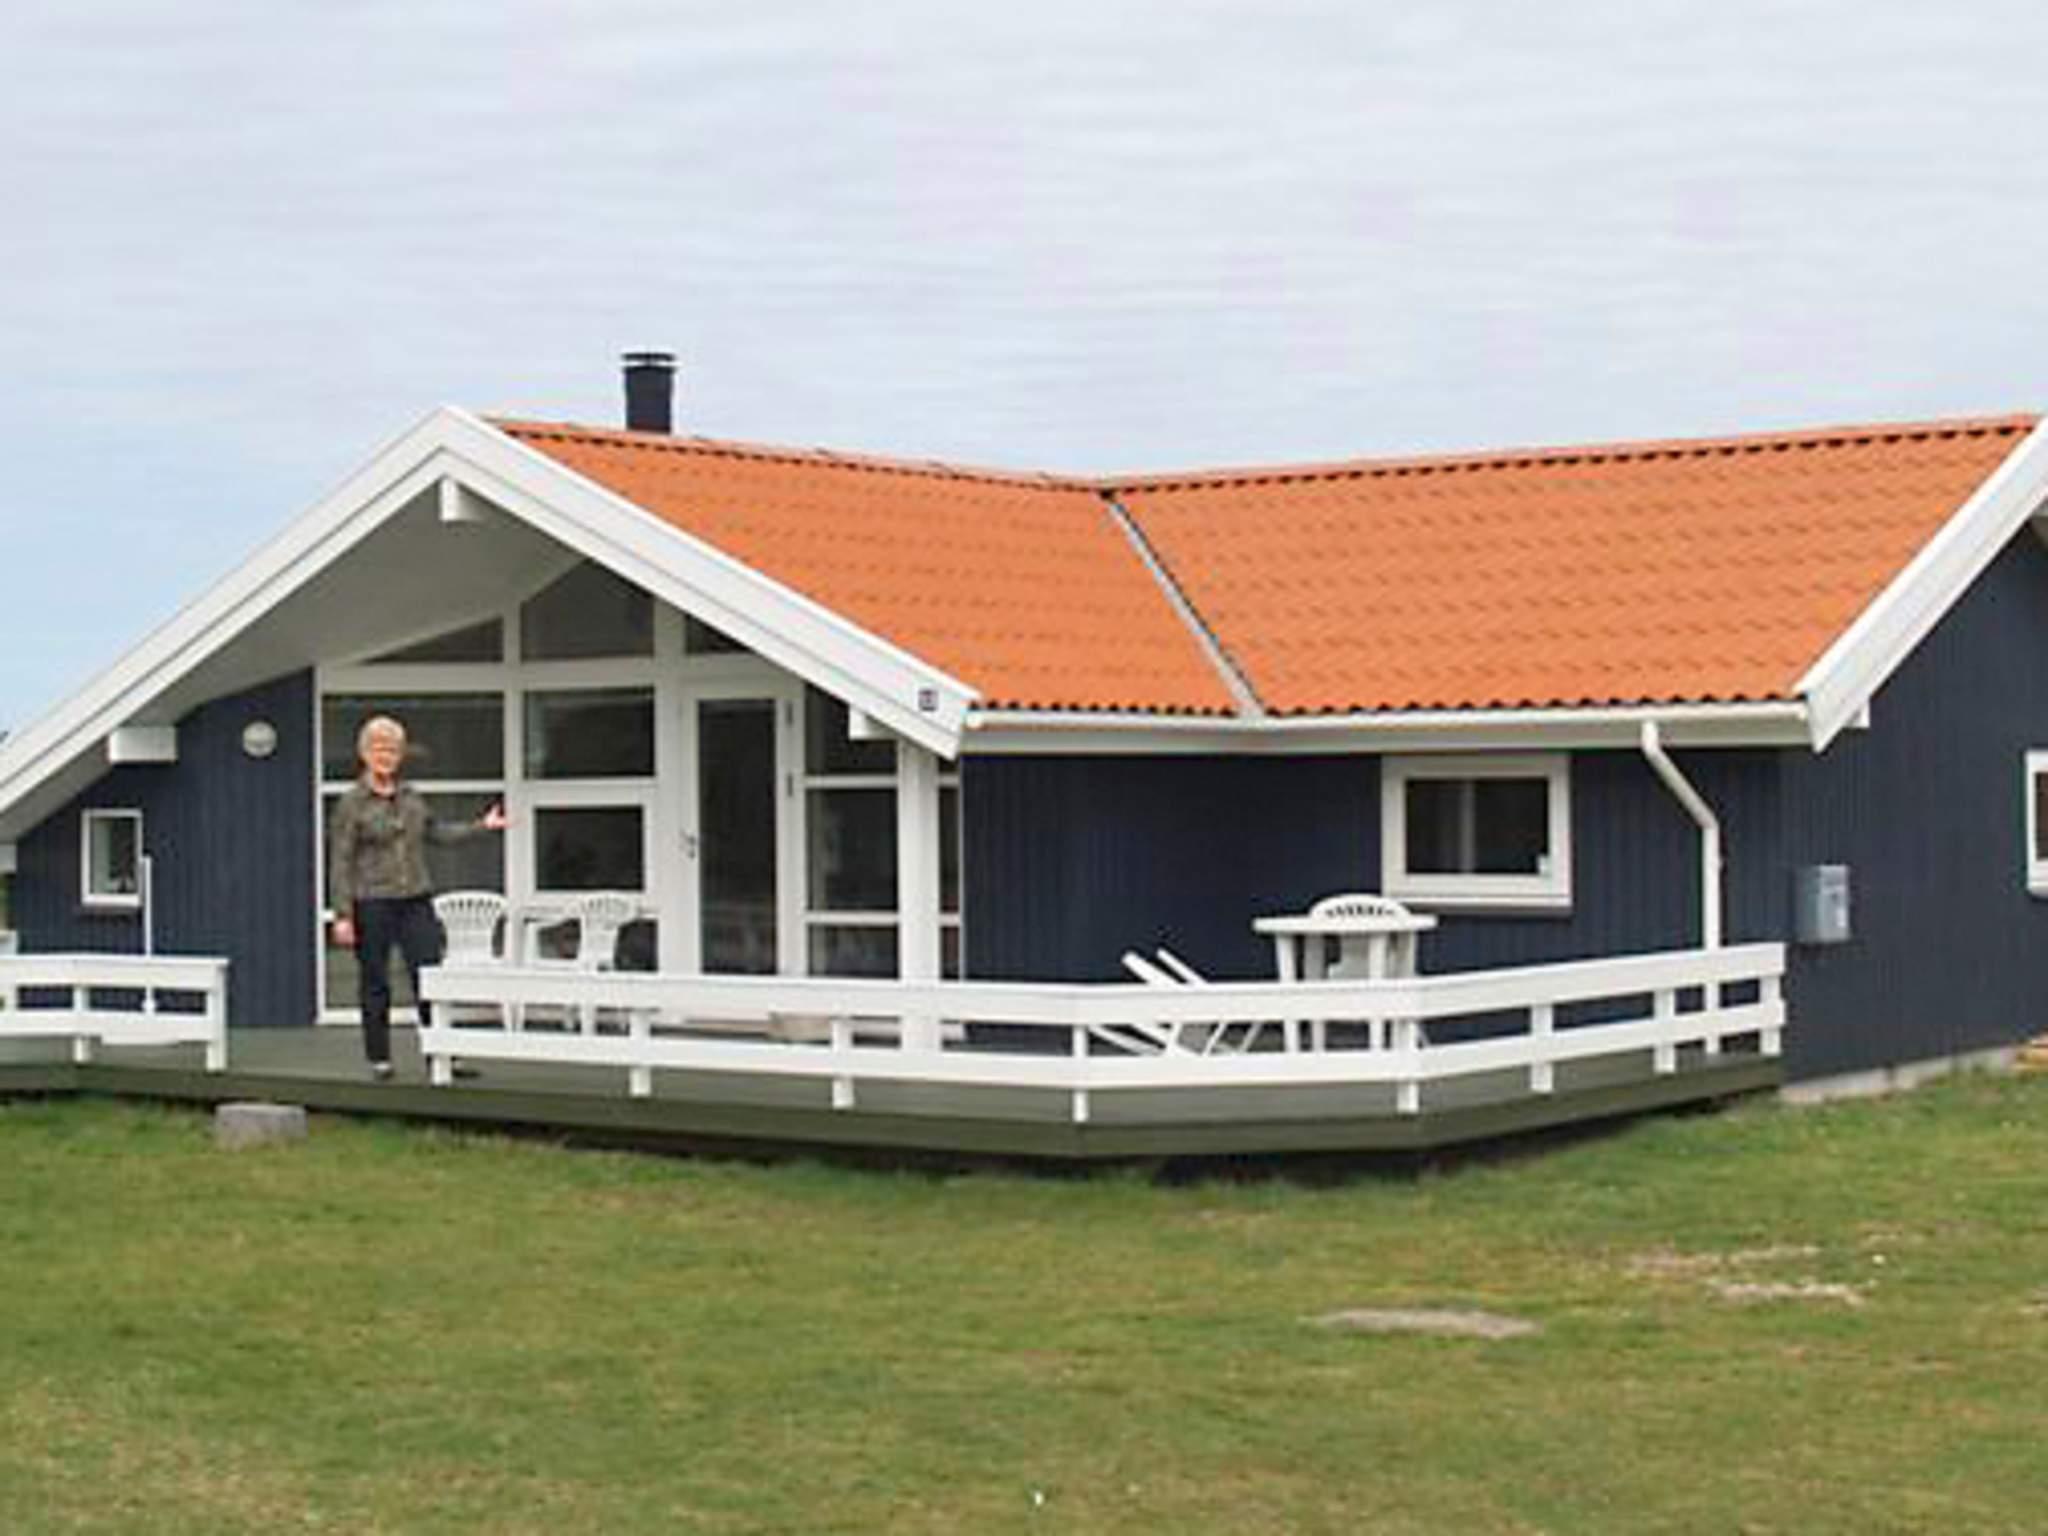 Ferienhaus Agger (226345), Vestervig, , Limfjord, Dänemark, Bild 1